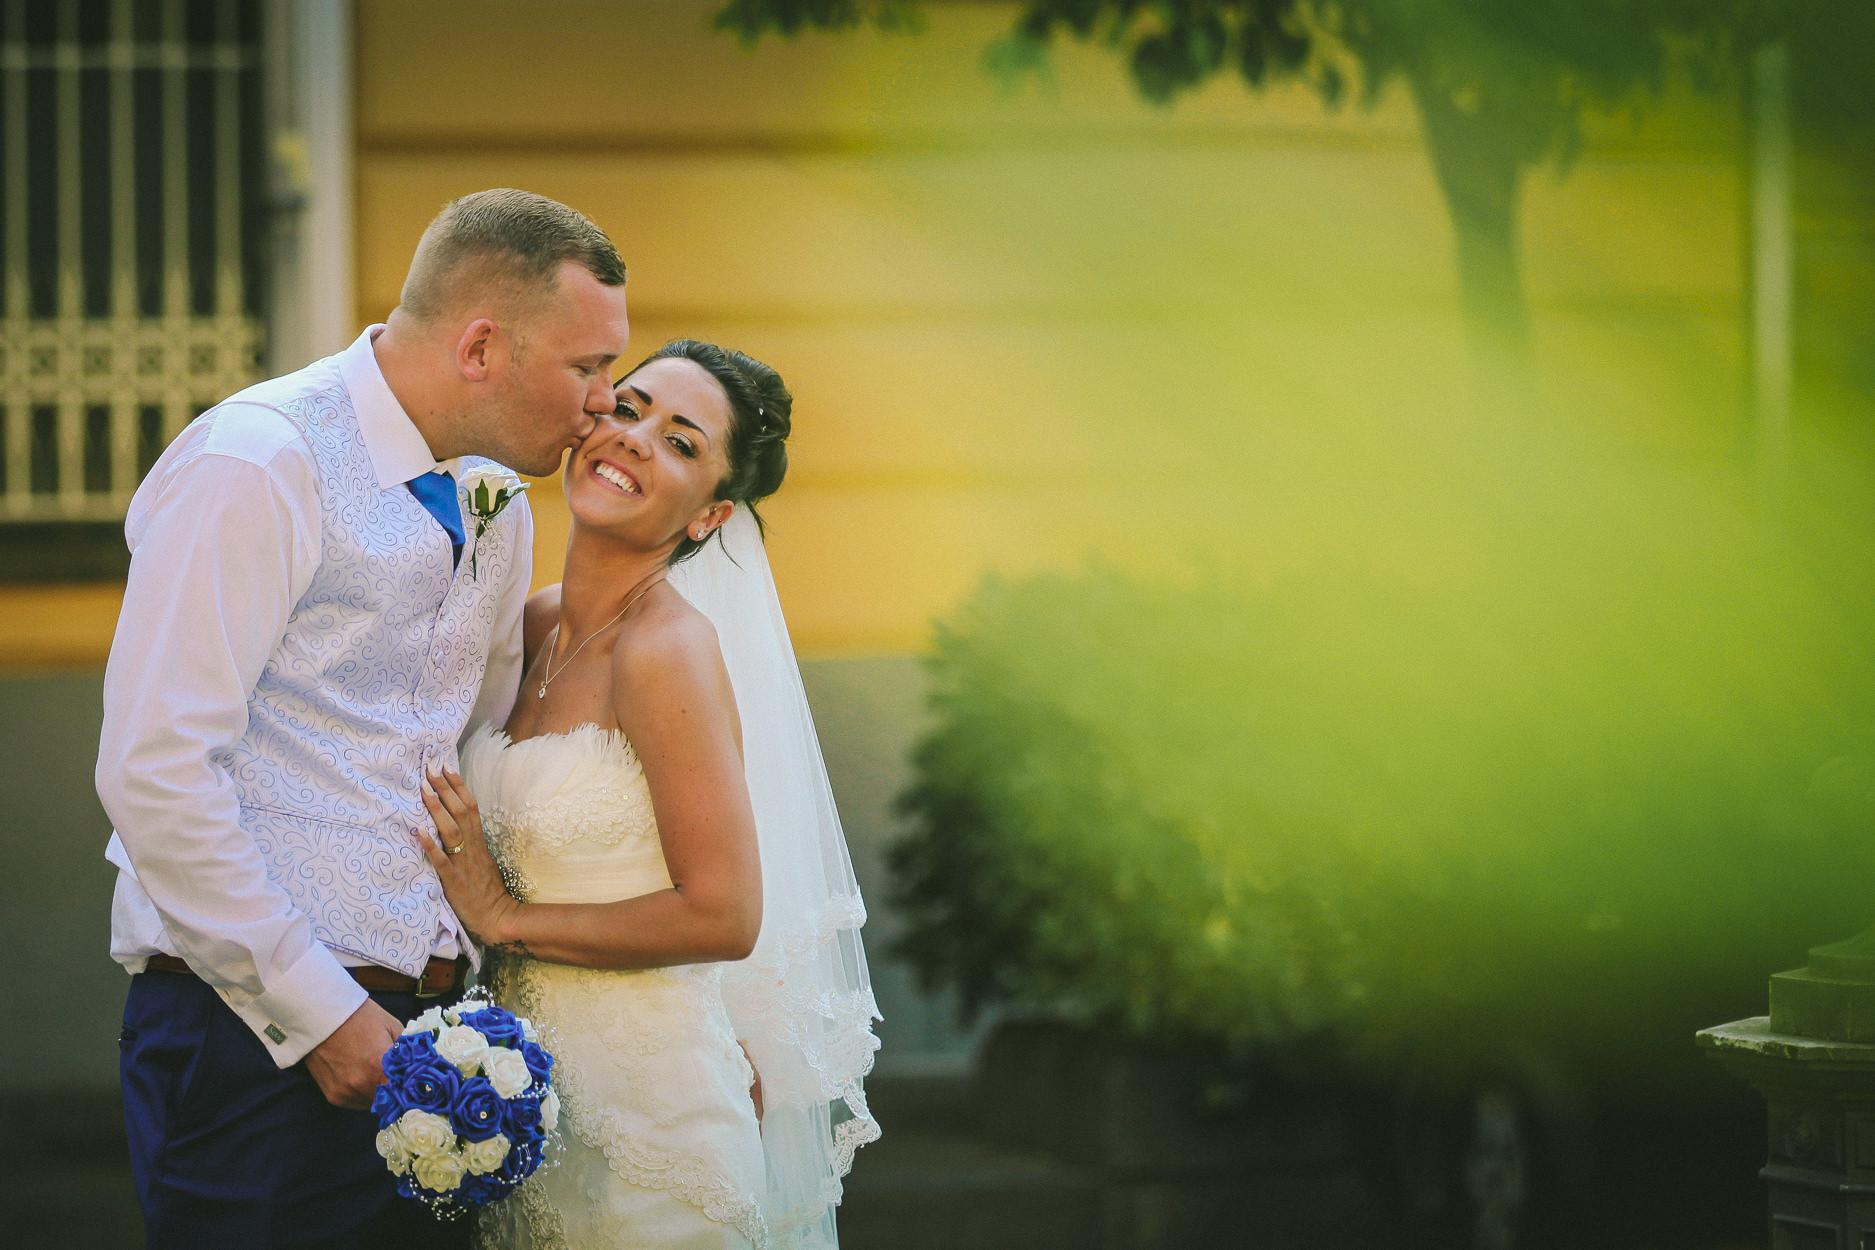 English-Wedding-Photographer-Photography-Sorrento-Italy-Documentary-wedding-photography-12